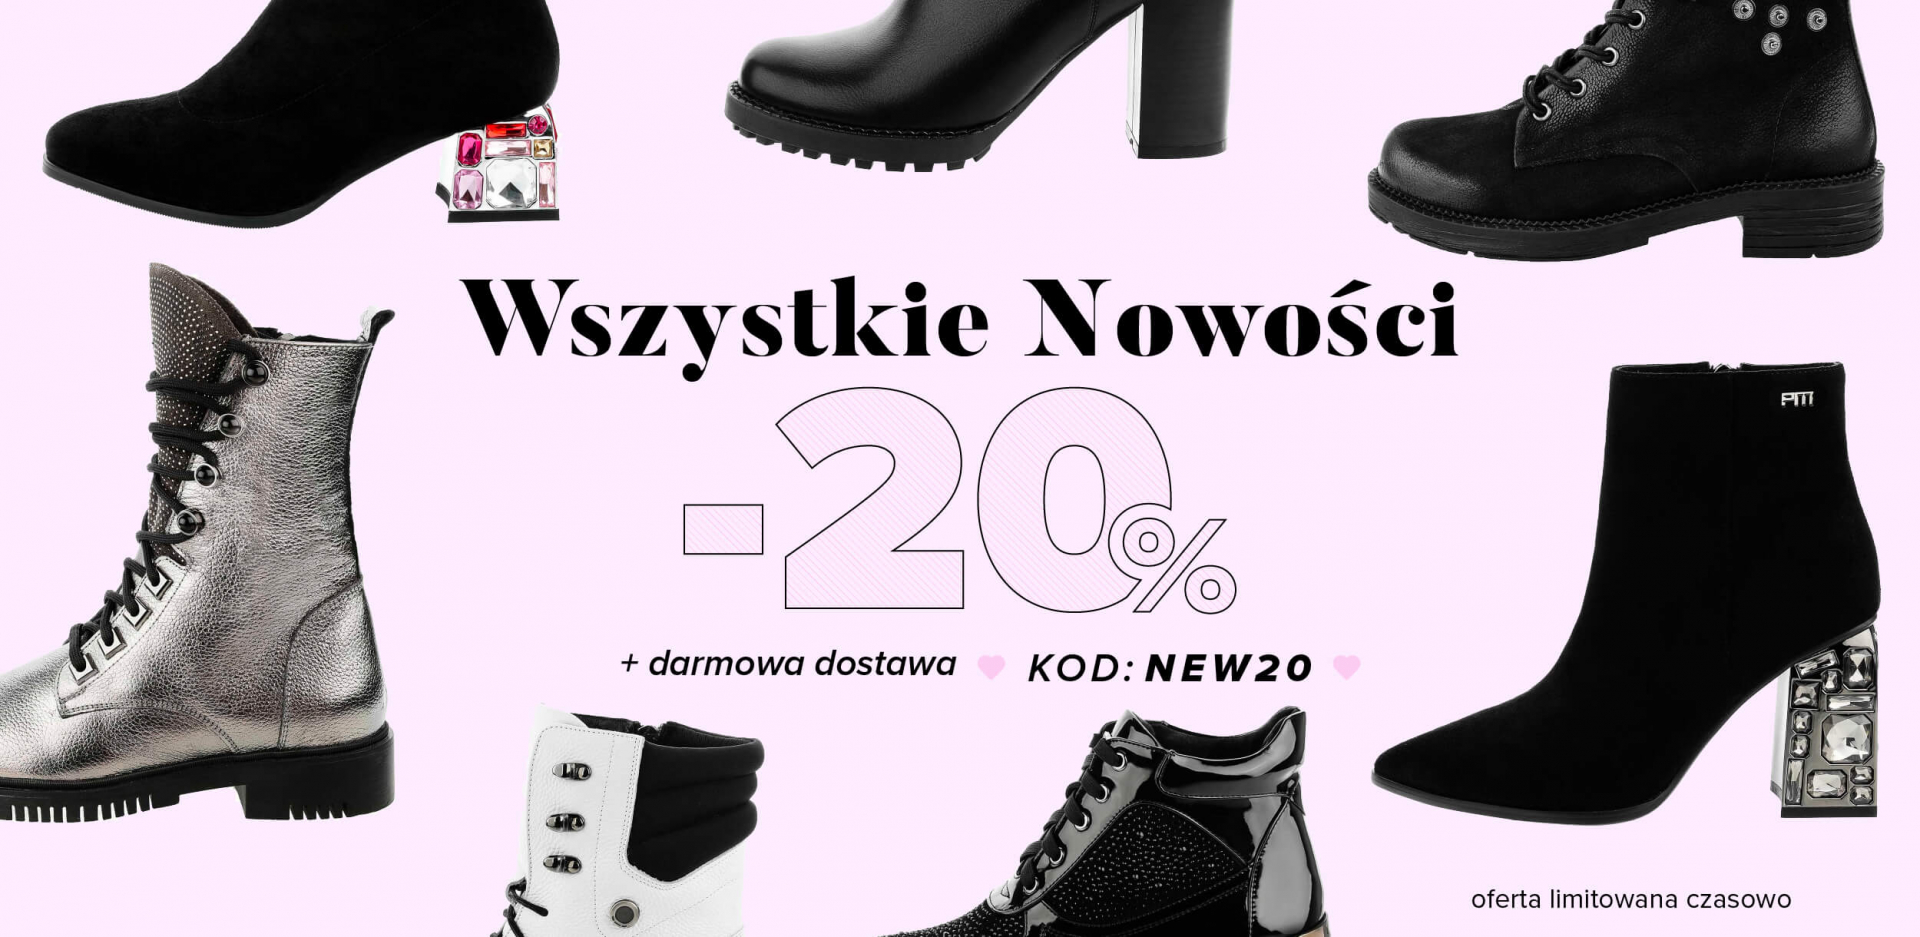 Primamoda: 20% zniżki na buty damskie i męskie oraz torebki z nowej kolekcji